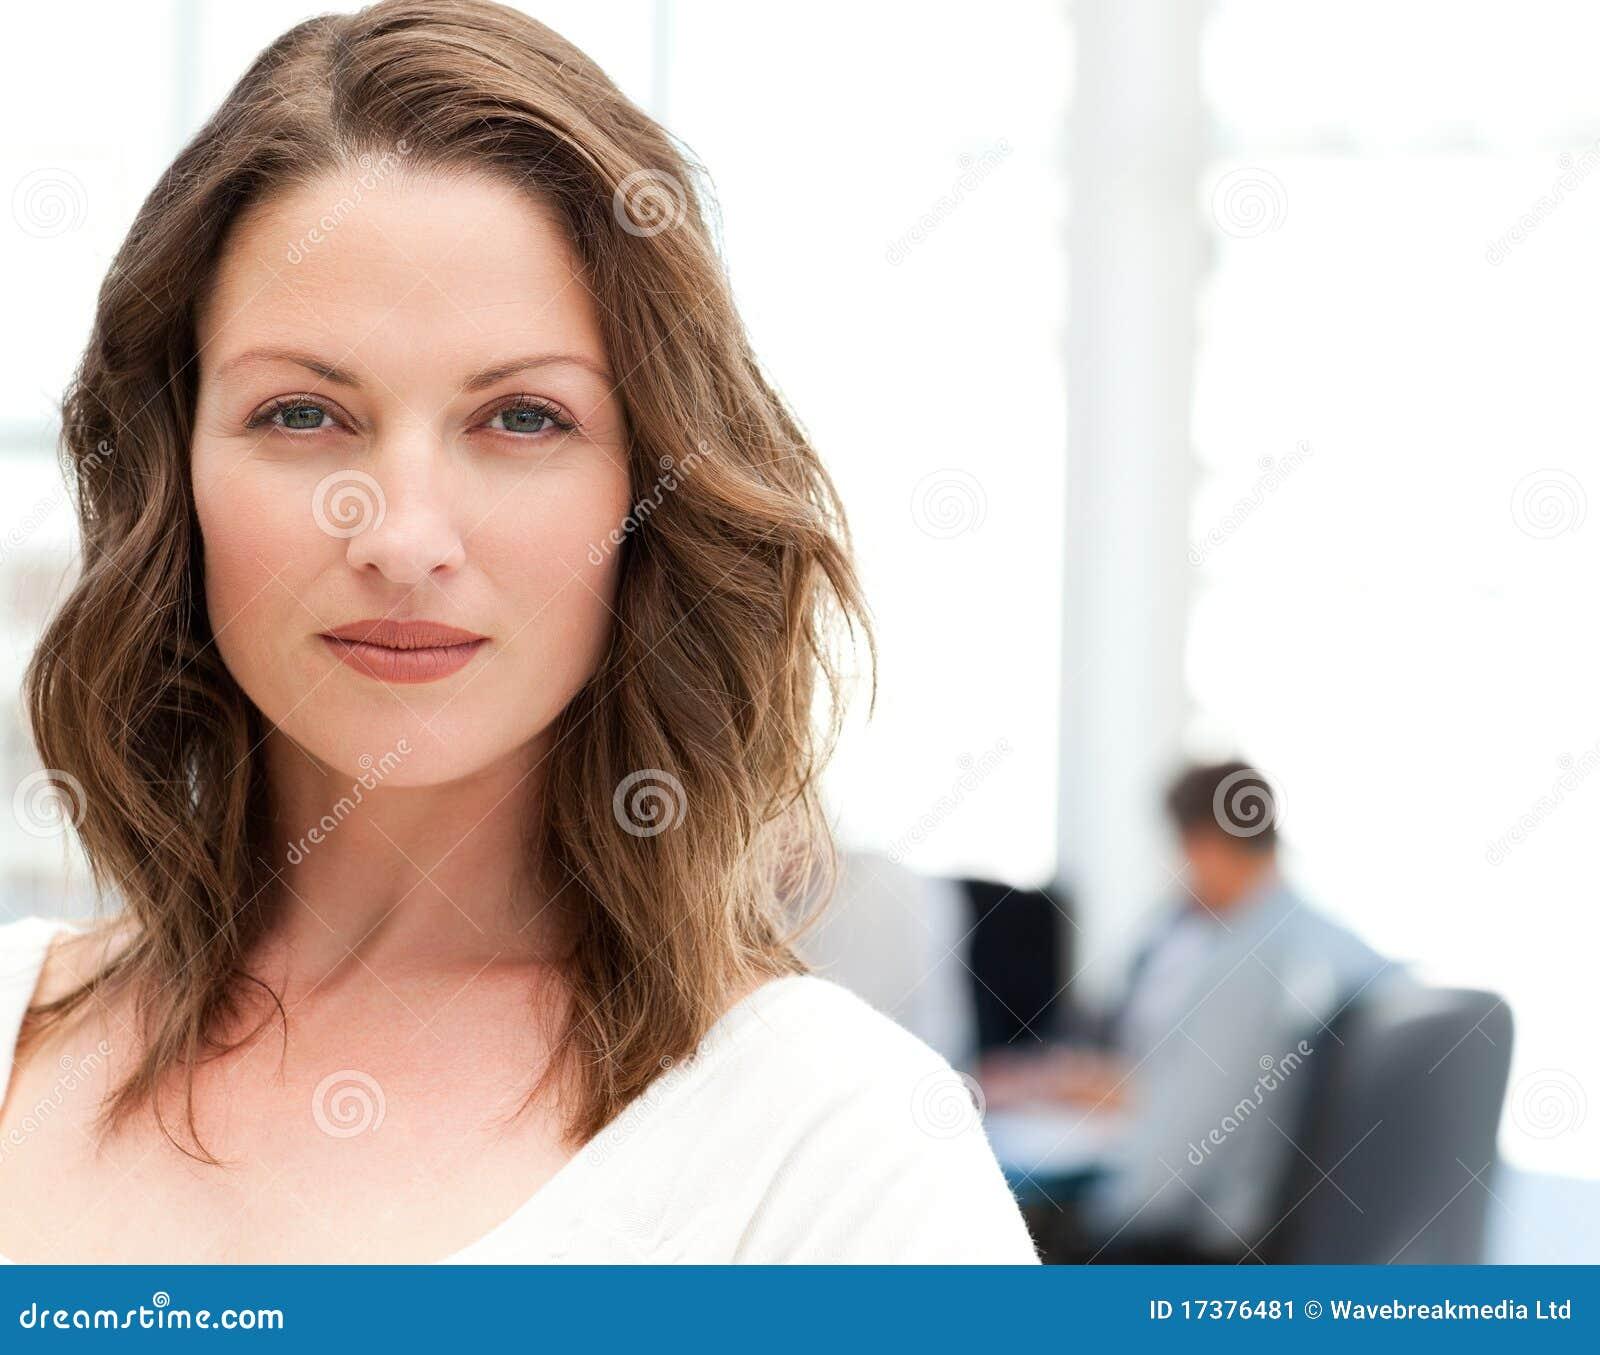 Πορτρέτο μιας χαρισματικής γυναίκας σε μια συνεδρίαση